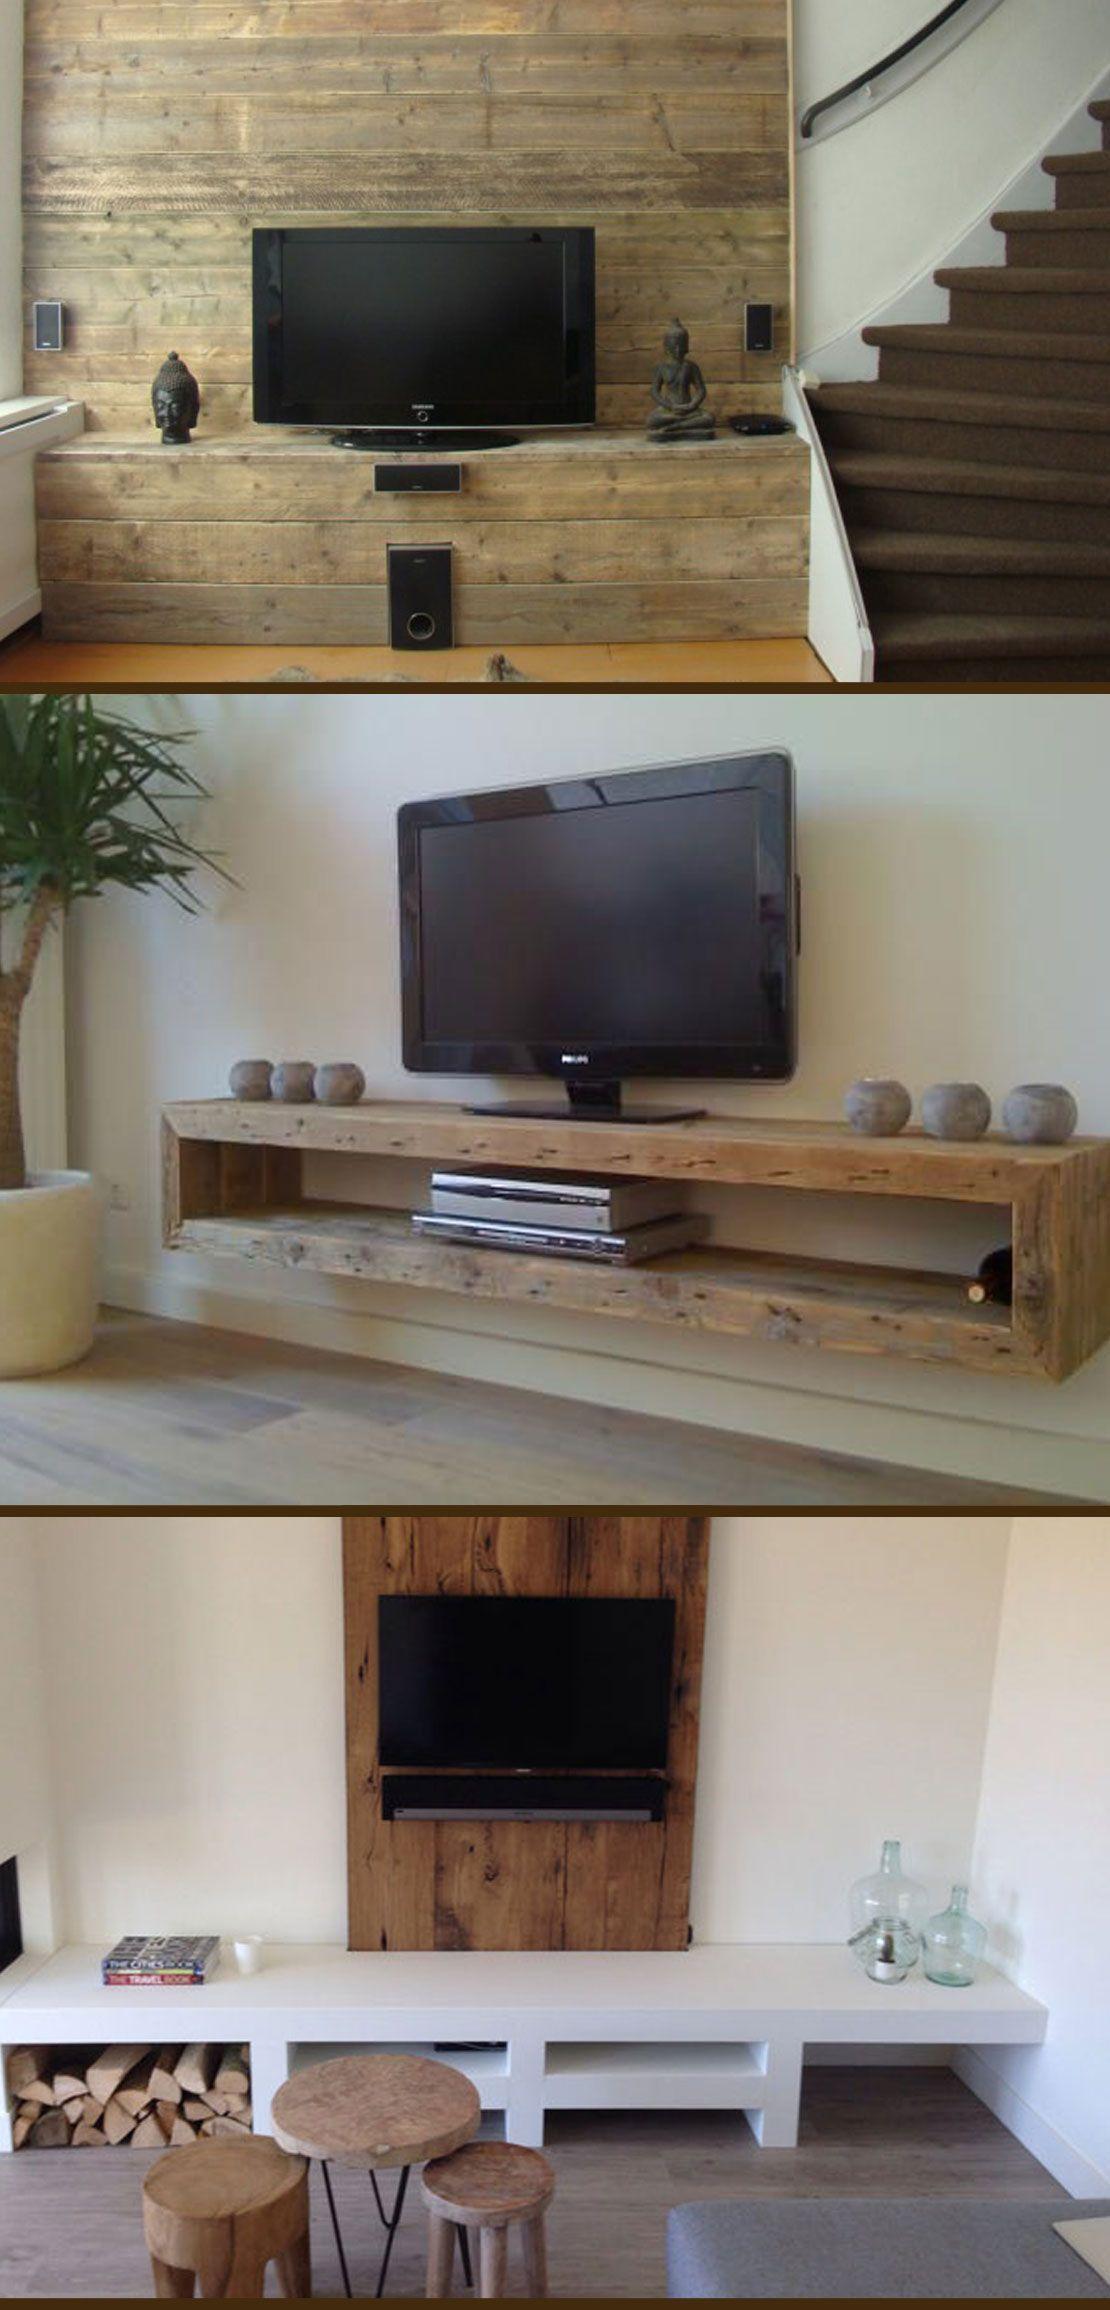 Amazing Rustic Home Decor Ideas You Can Build Yourself Best Tv Stand Ideas Homedecor Rustic Ho Wohnzimmer Ideen Wohnung Haus Wohnzimmer Wohnzimmer Modern